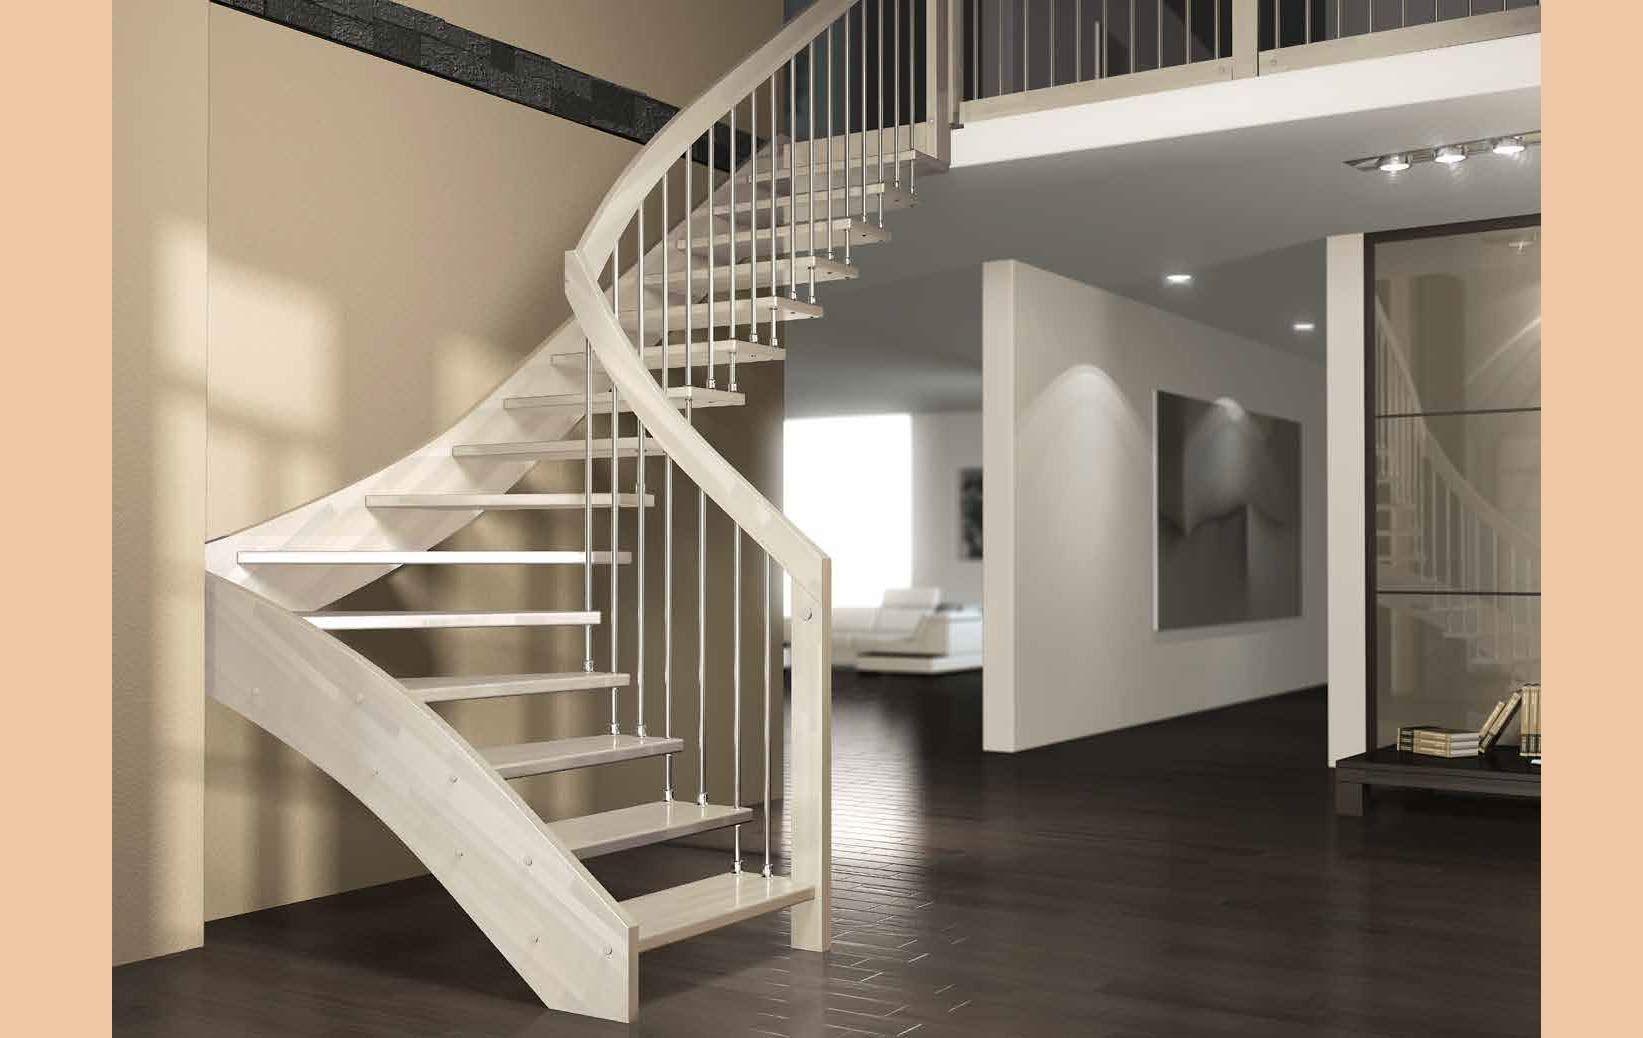 Fly scale a giorno scale per interni scale di legno for Scale interne